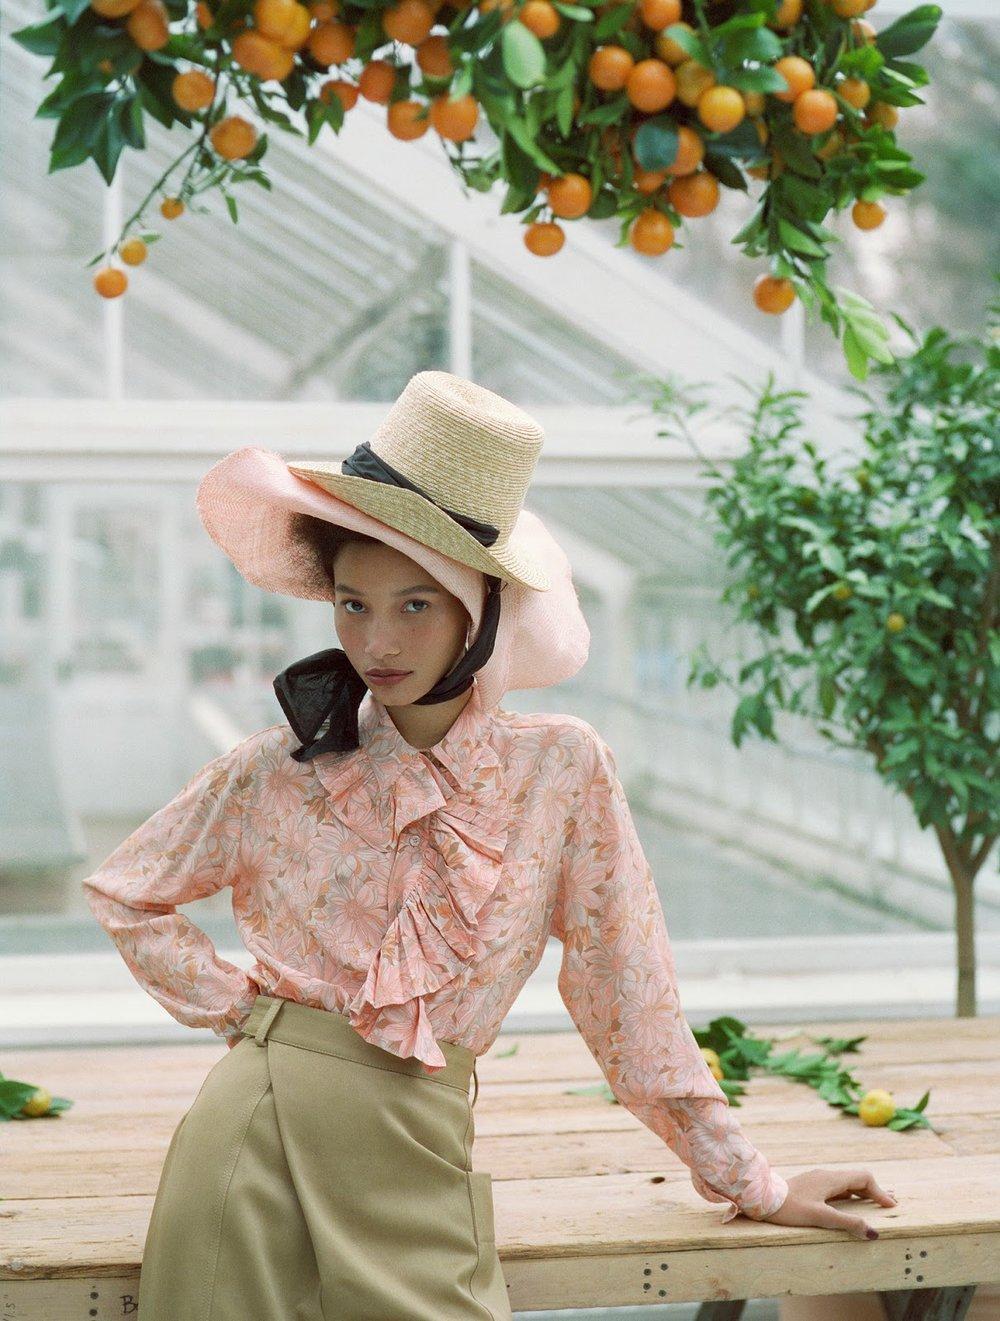 Lineisy Montero by Stas Komarovski for Vogue Mexico Feb 2019 (9).jpg